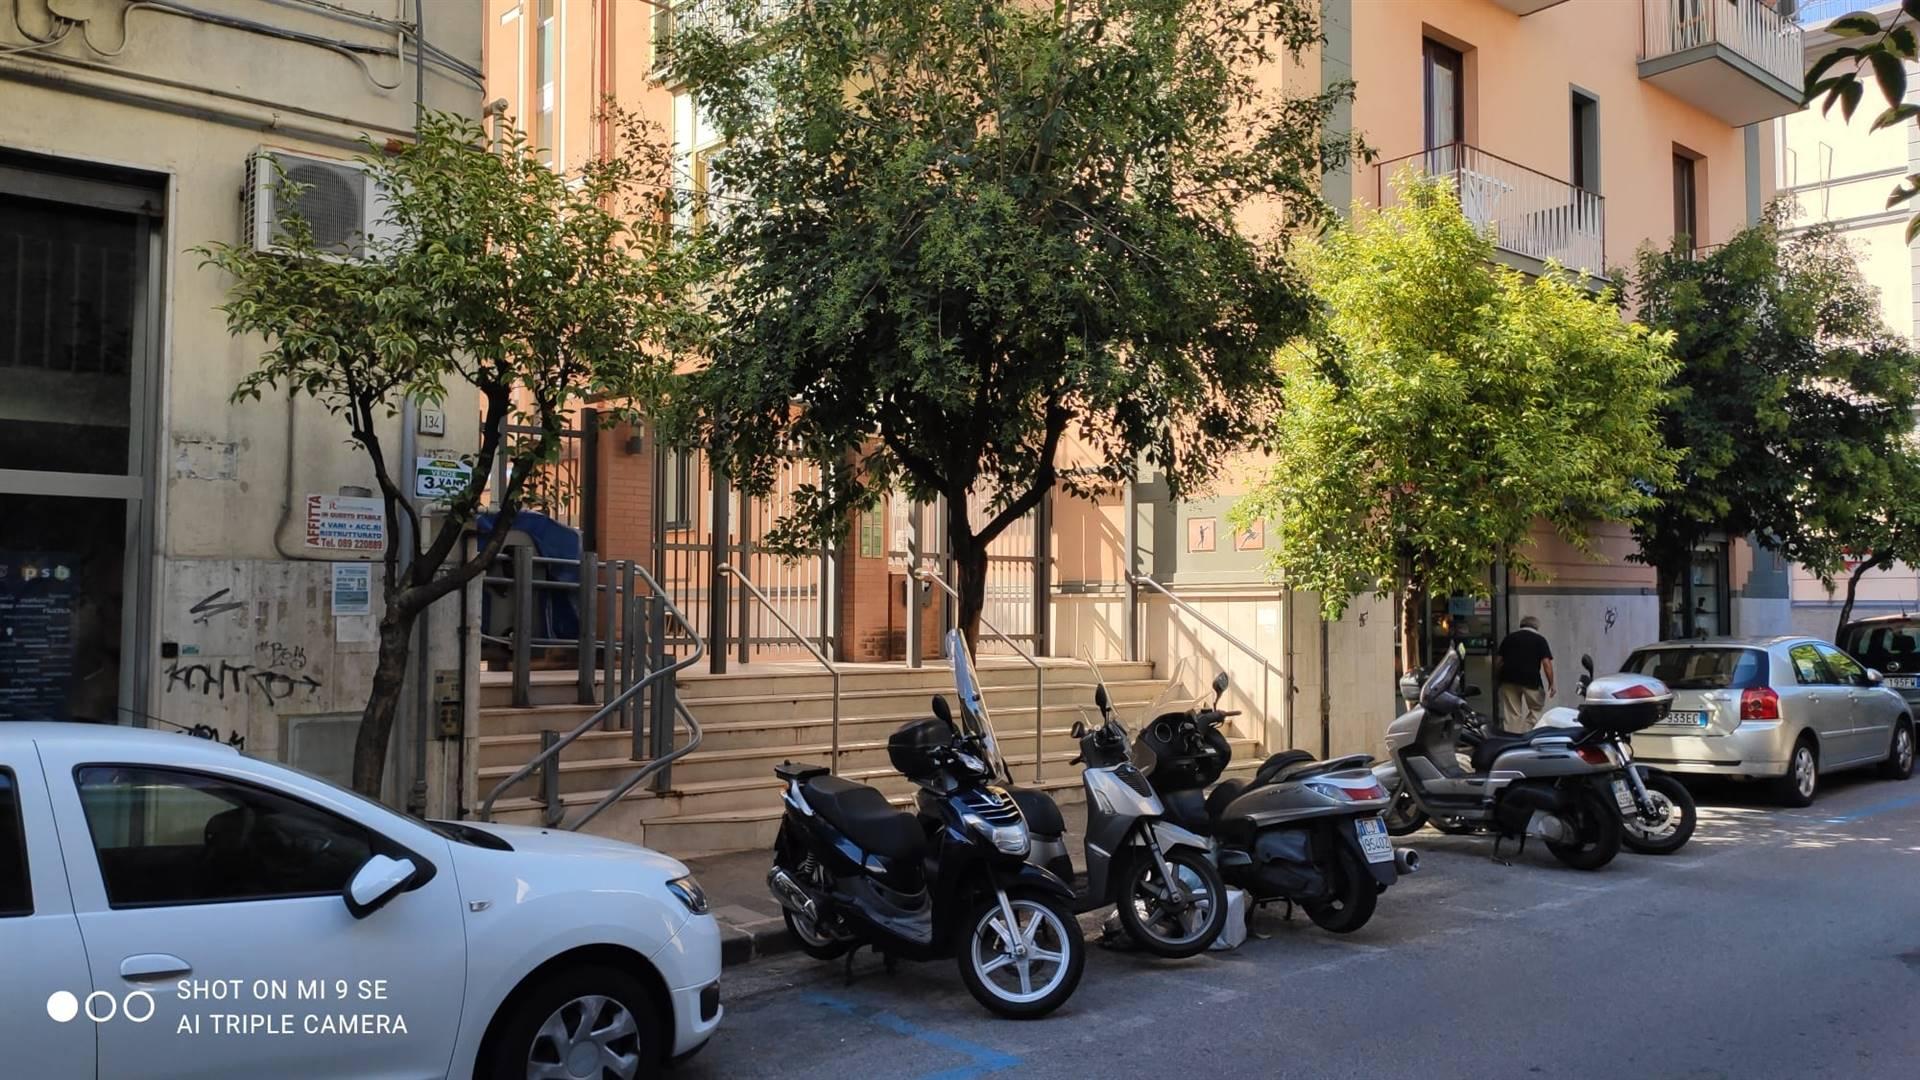 CENTRO, SALERNO, Wohnung zu verkaufen, Energie-klasse: G, am boden 3° auf 4, zusammengestellt von: 3 Raume, Separate Küche, 3 Zimmer, 1 Baeder,